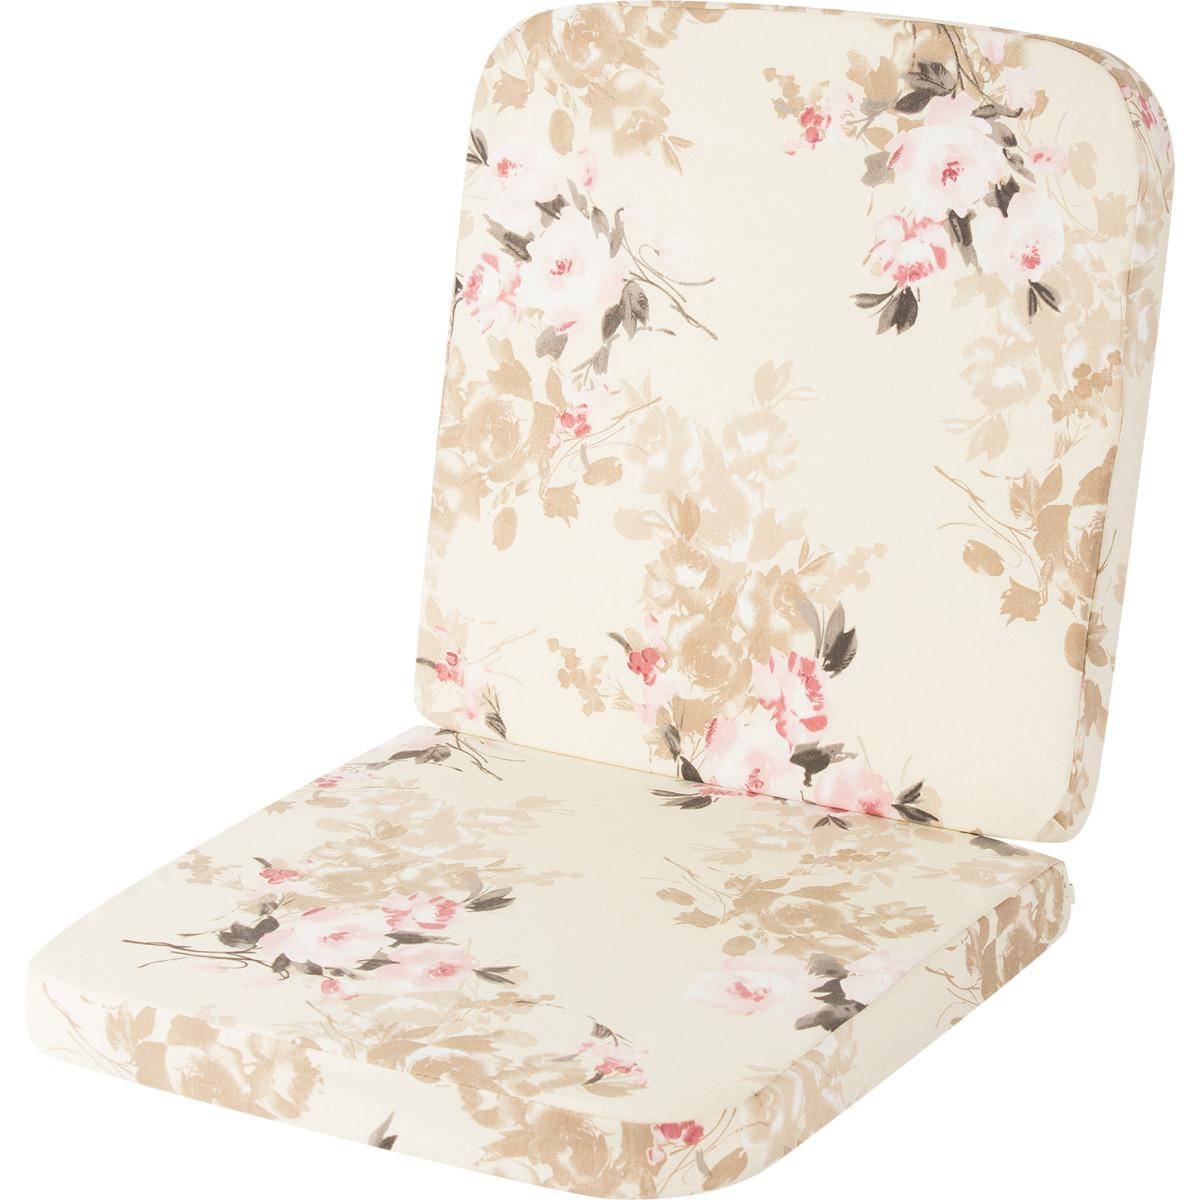 Подушка на кресло Романс поликоттон розовые цветы на бежевом